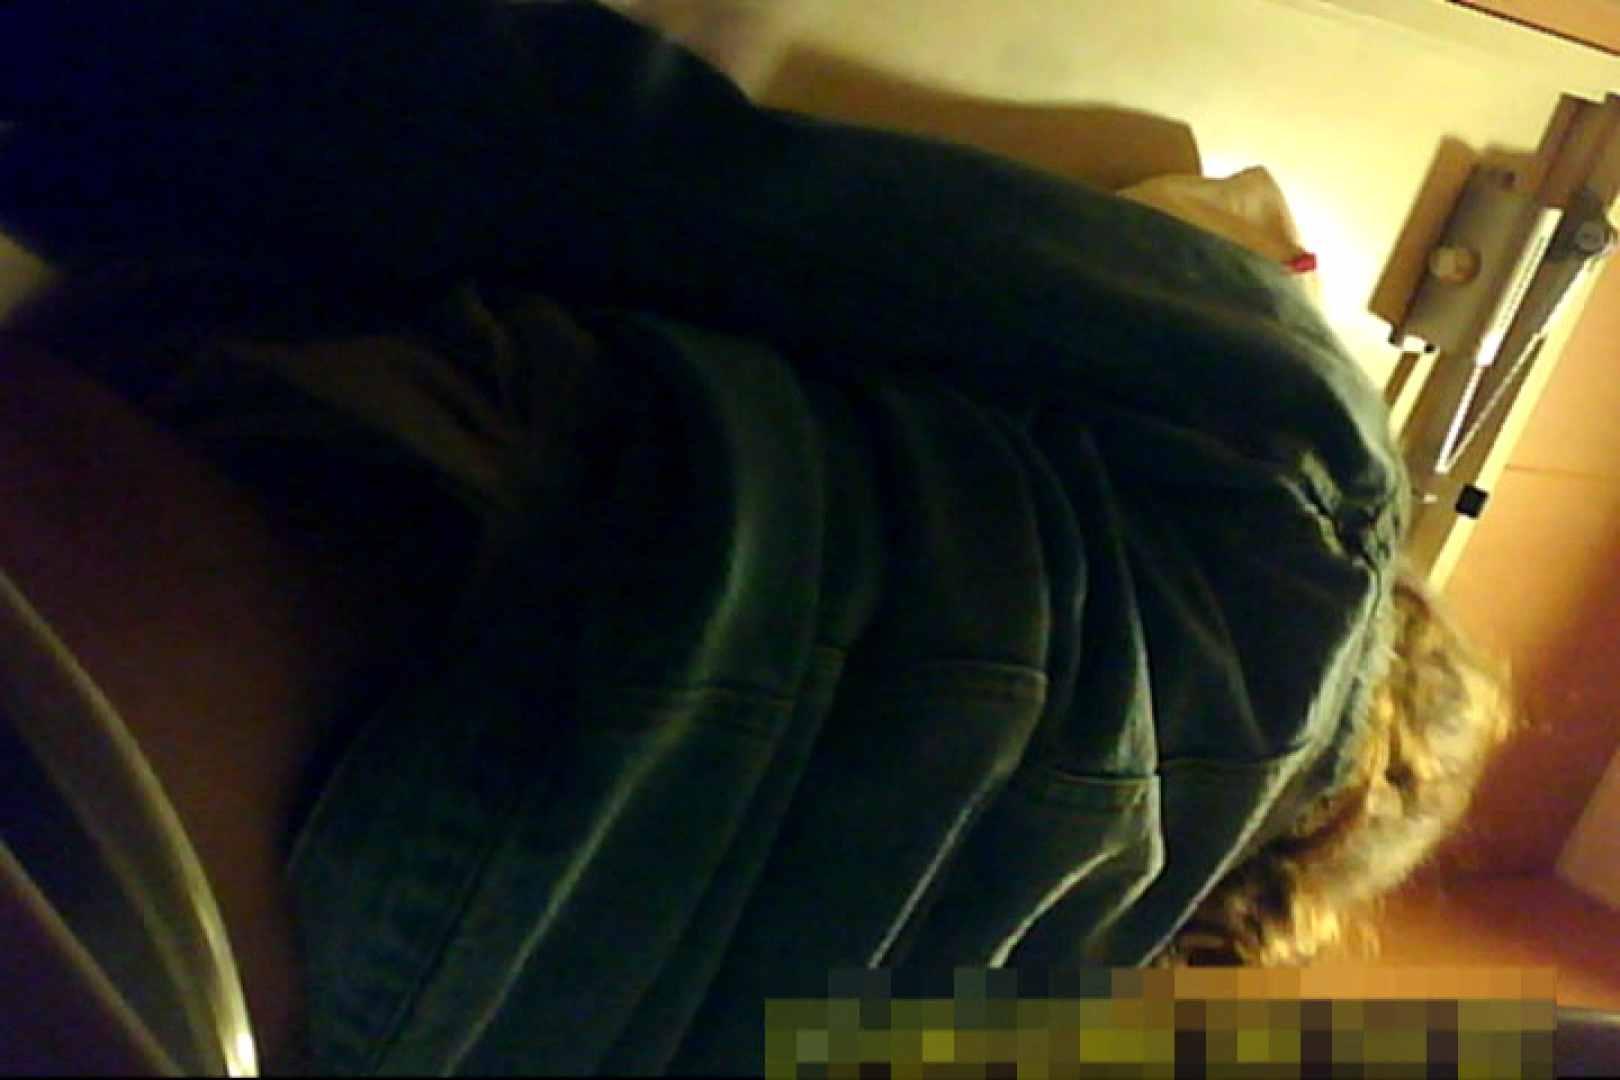 魅惑の化粧室~禁断のプライベート空間~25 盗撮 われめAV動画紹介 89pic 10